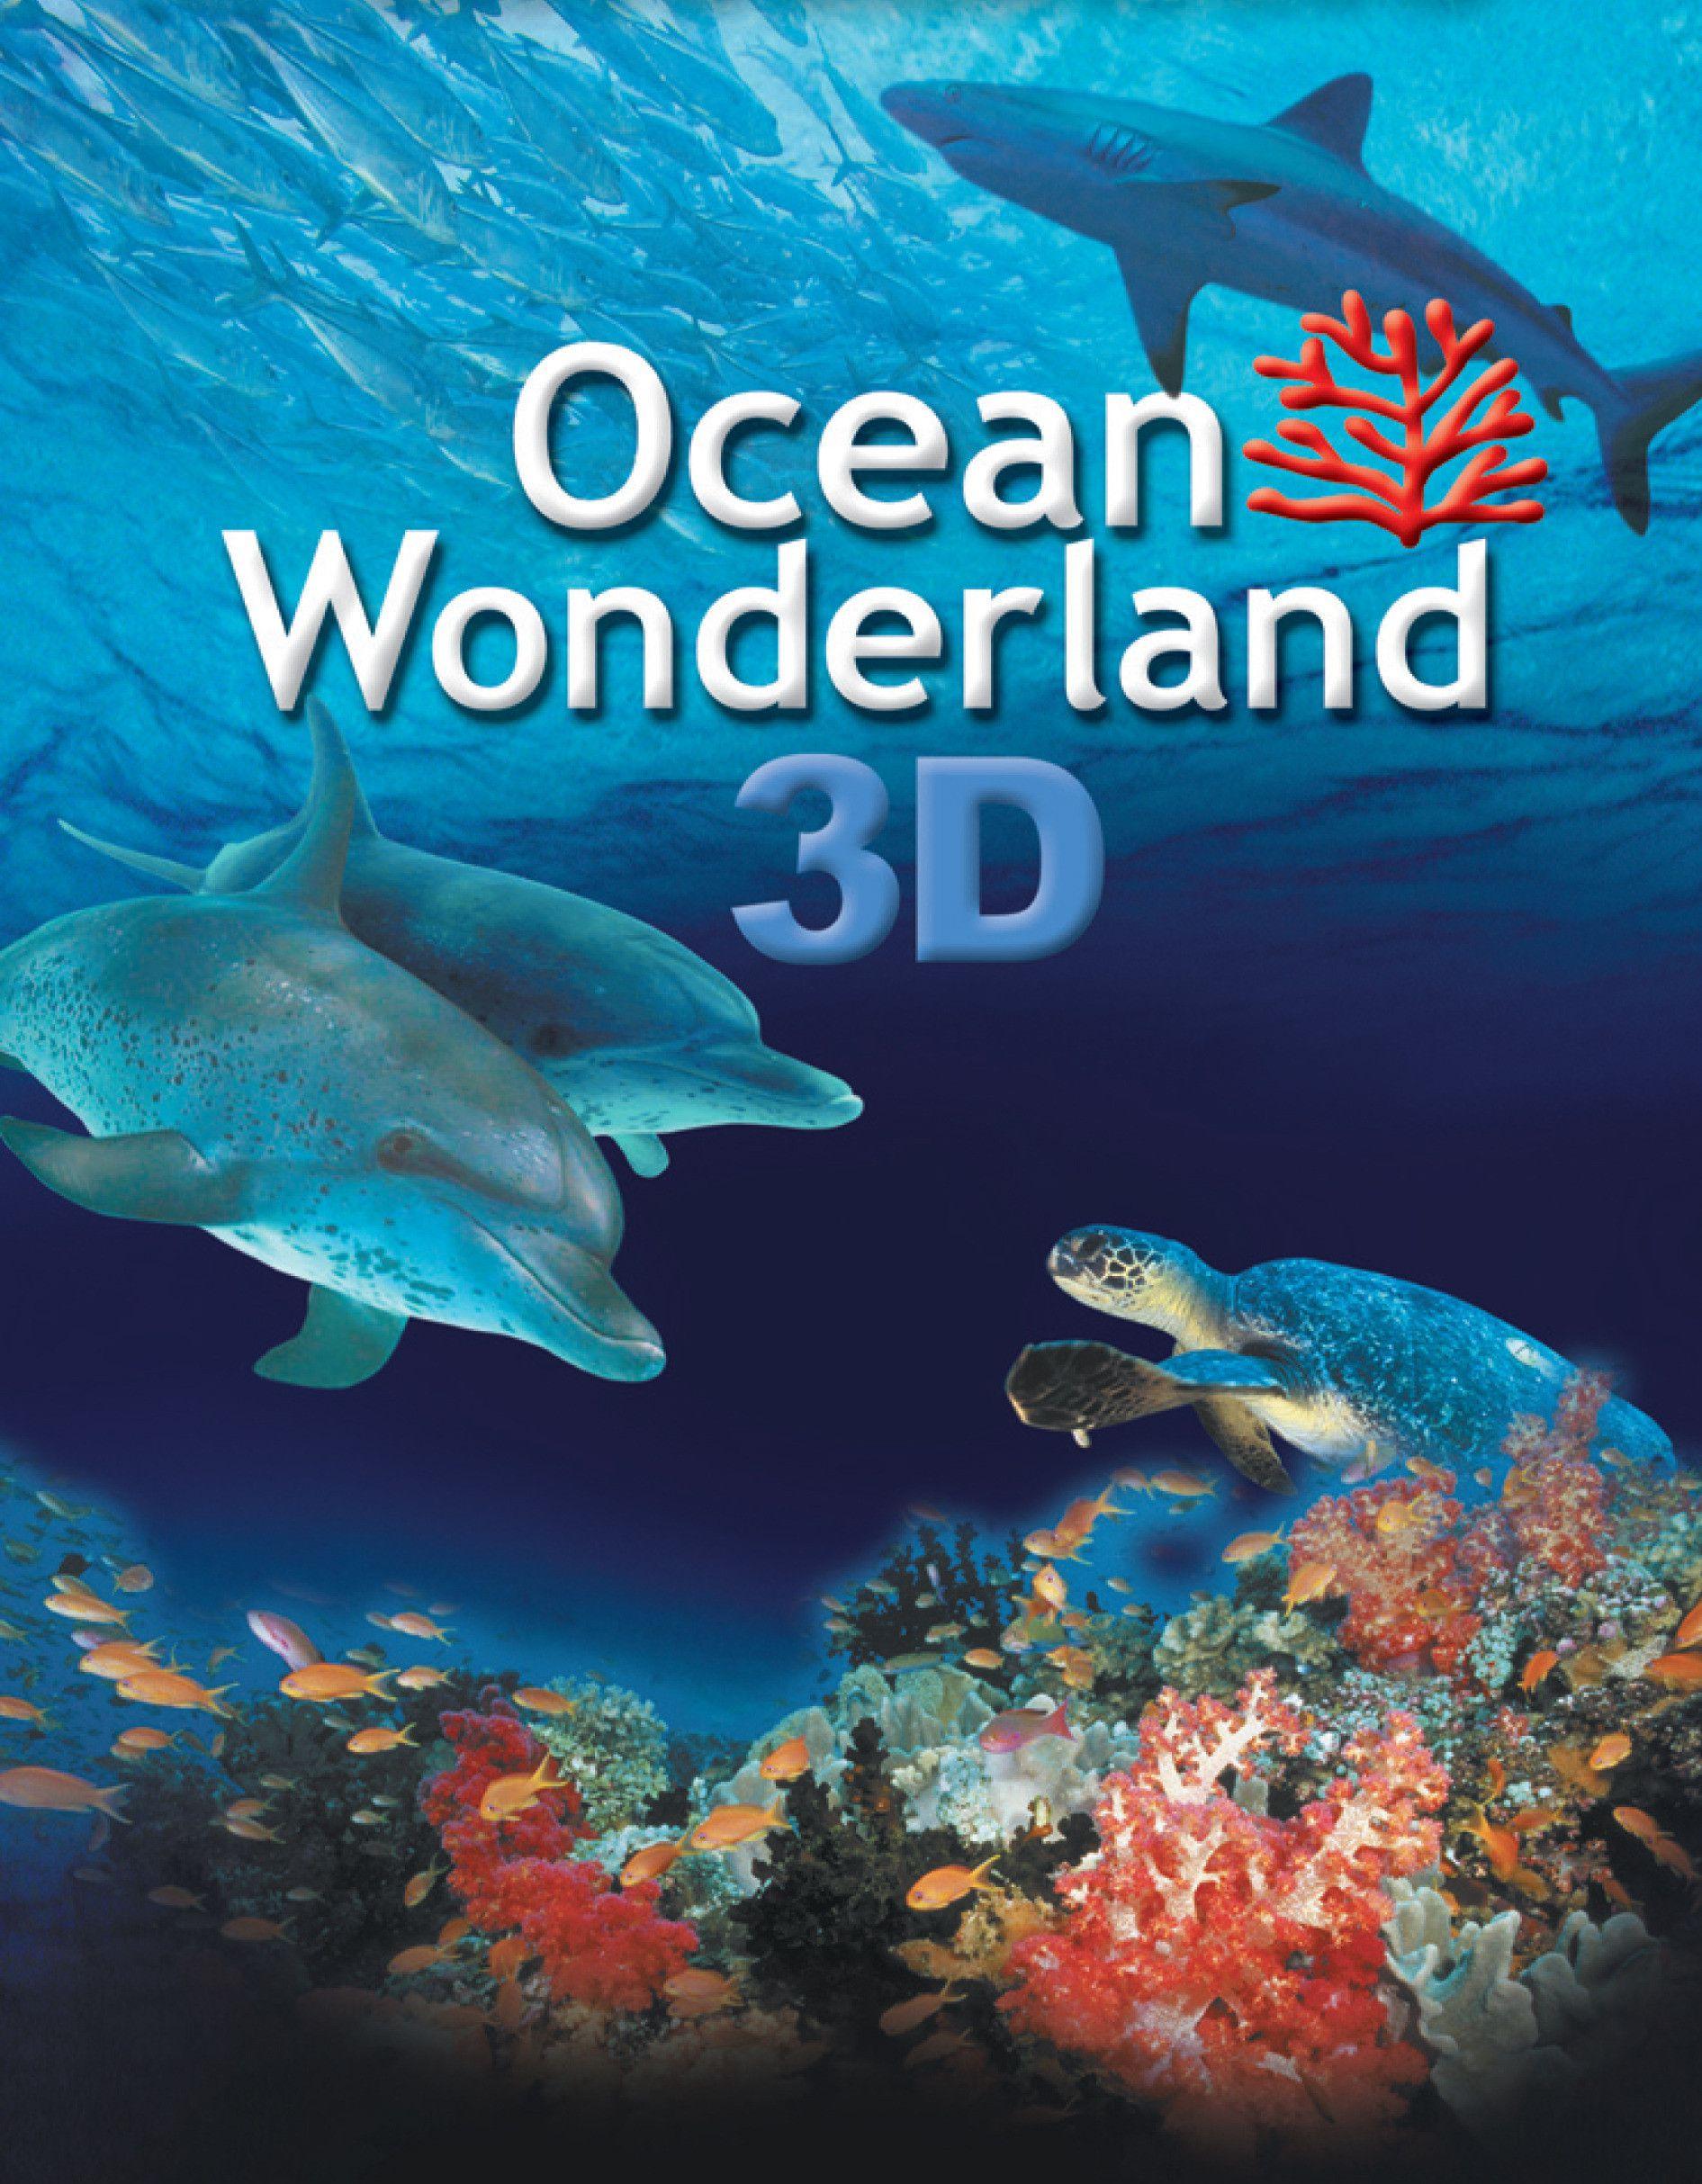 Les Merveilles de l'Océan 3D - Documentaire (2003)